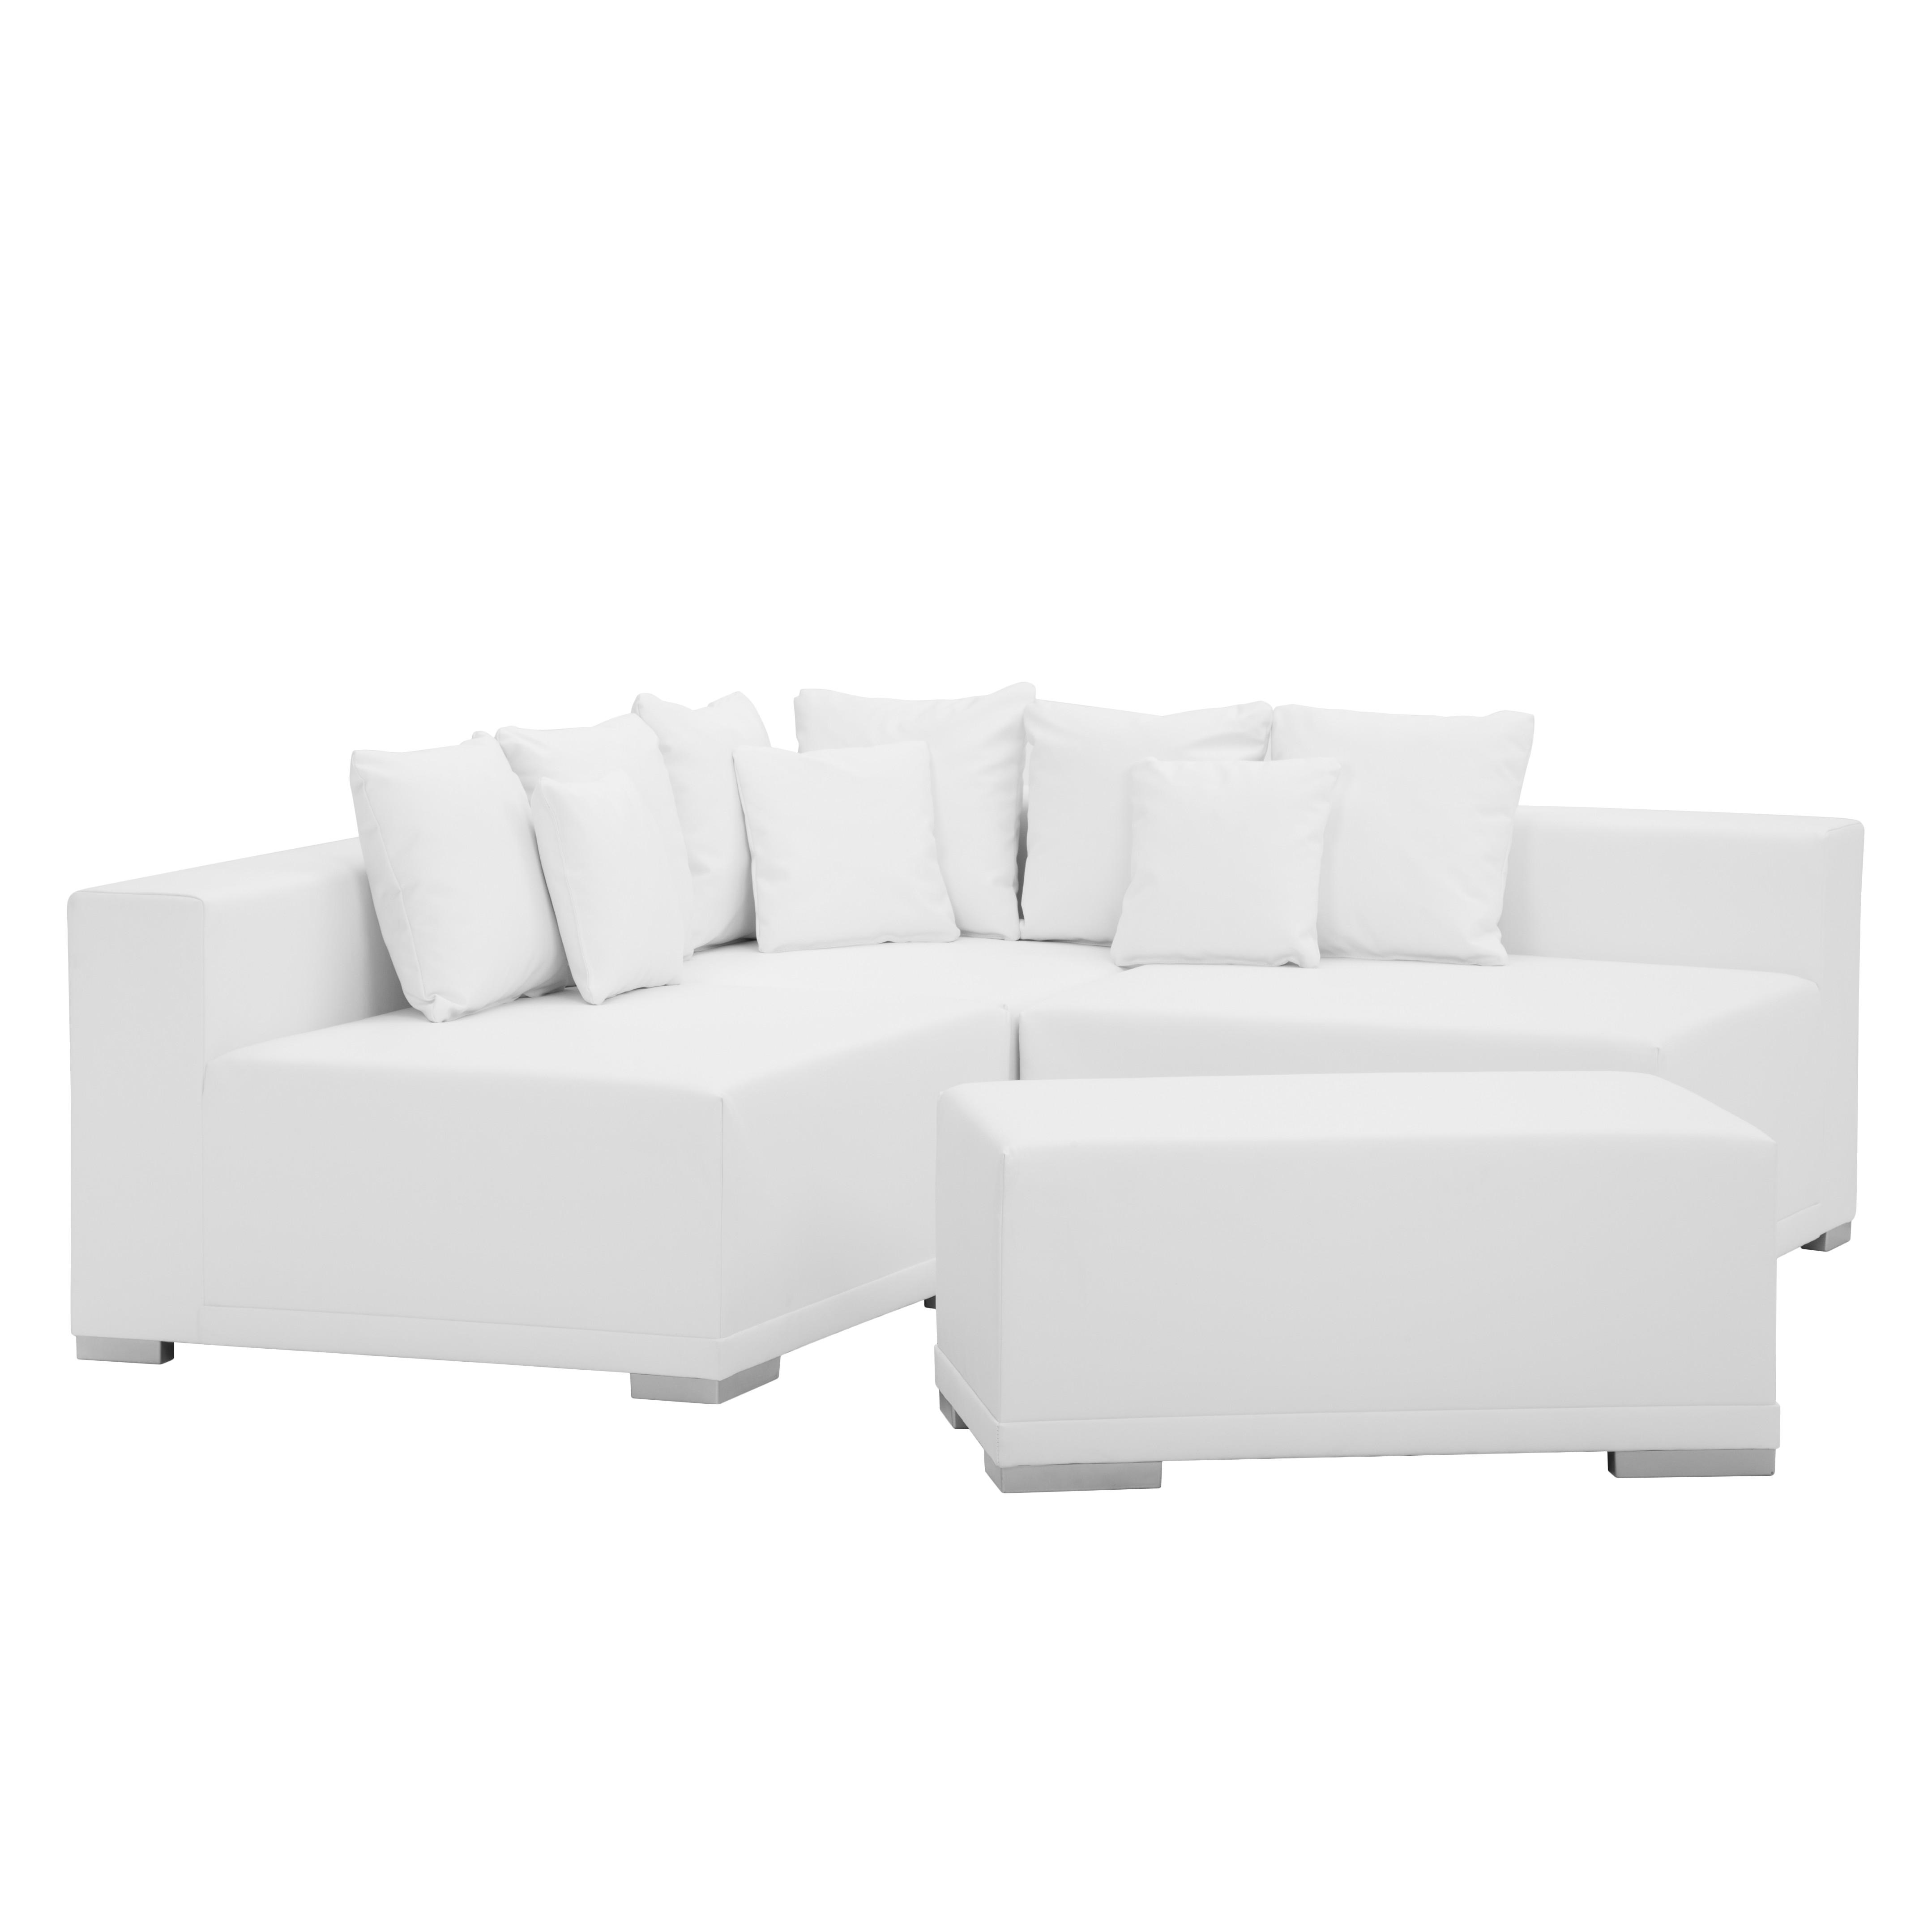 goedkoop Hoekbank Neo wit kunstleer met hocker mooved